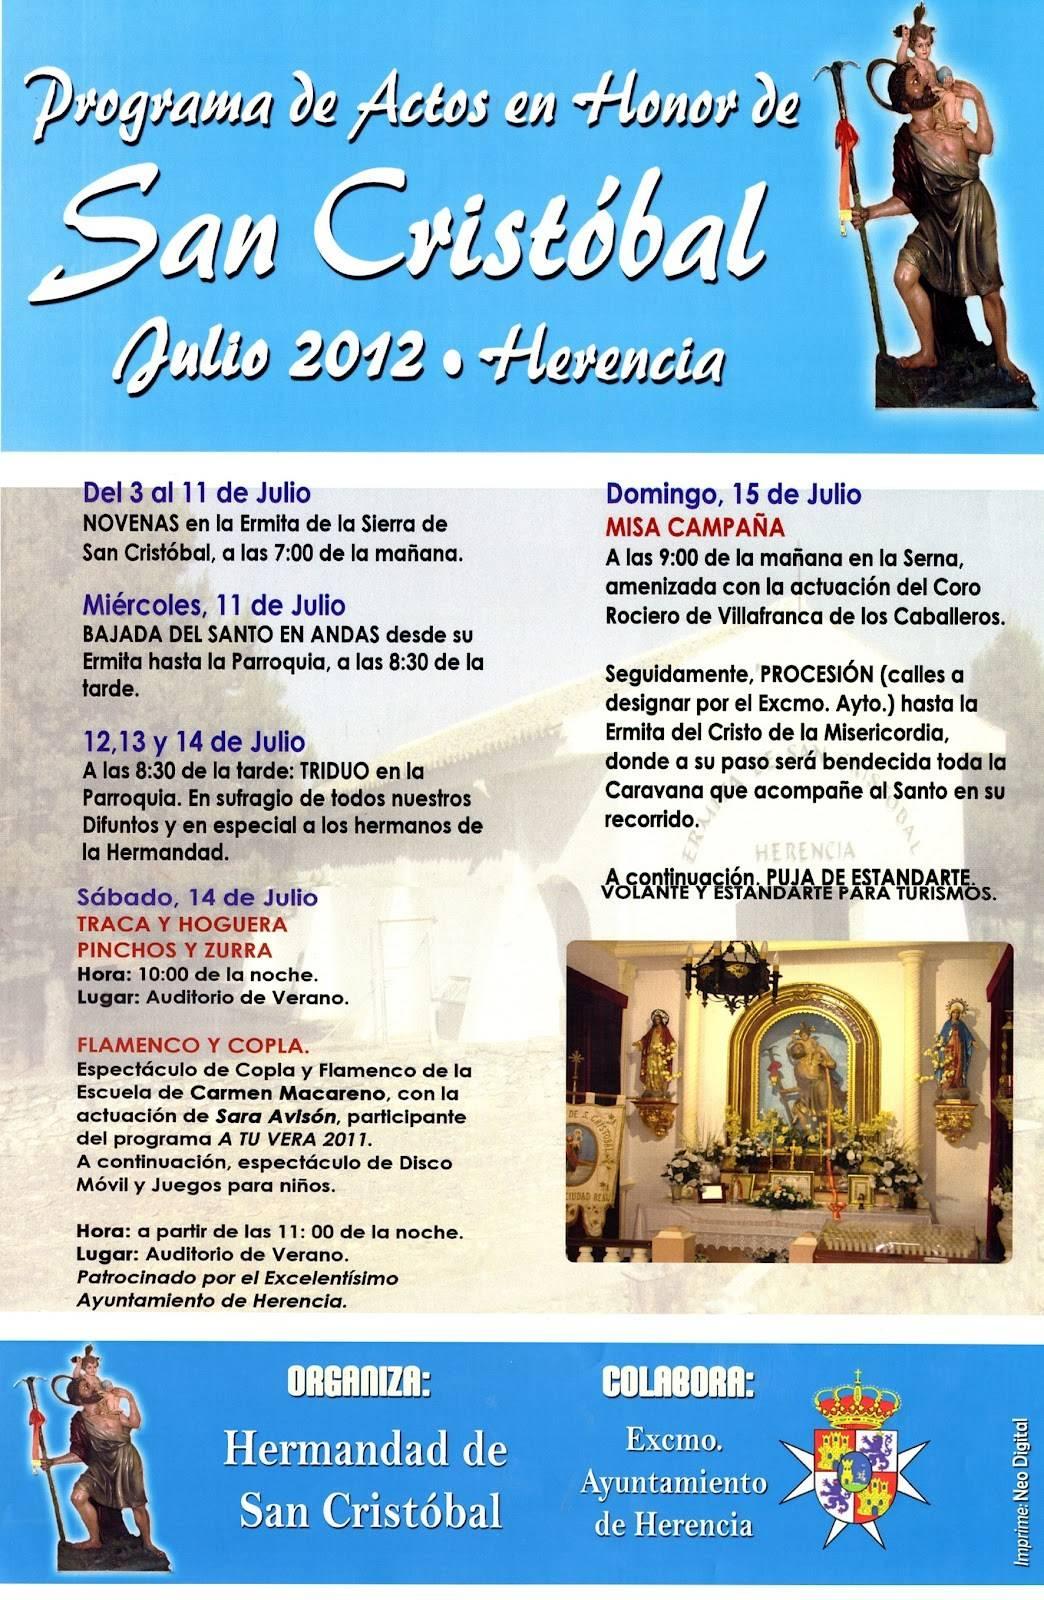 Cartel San Cristobal Herencia 2012 - Programa de Actos en Honor a San Cristóbal